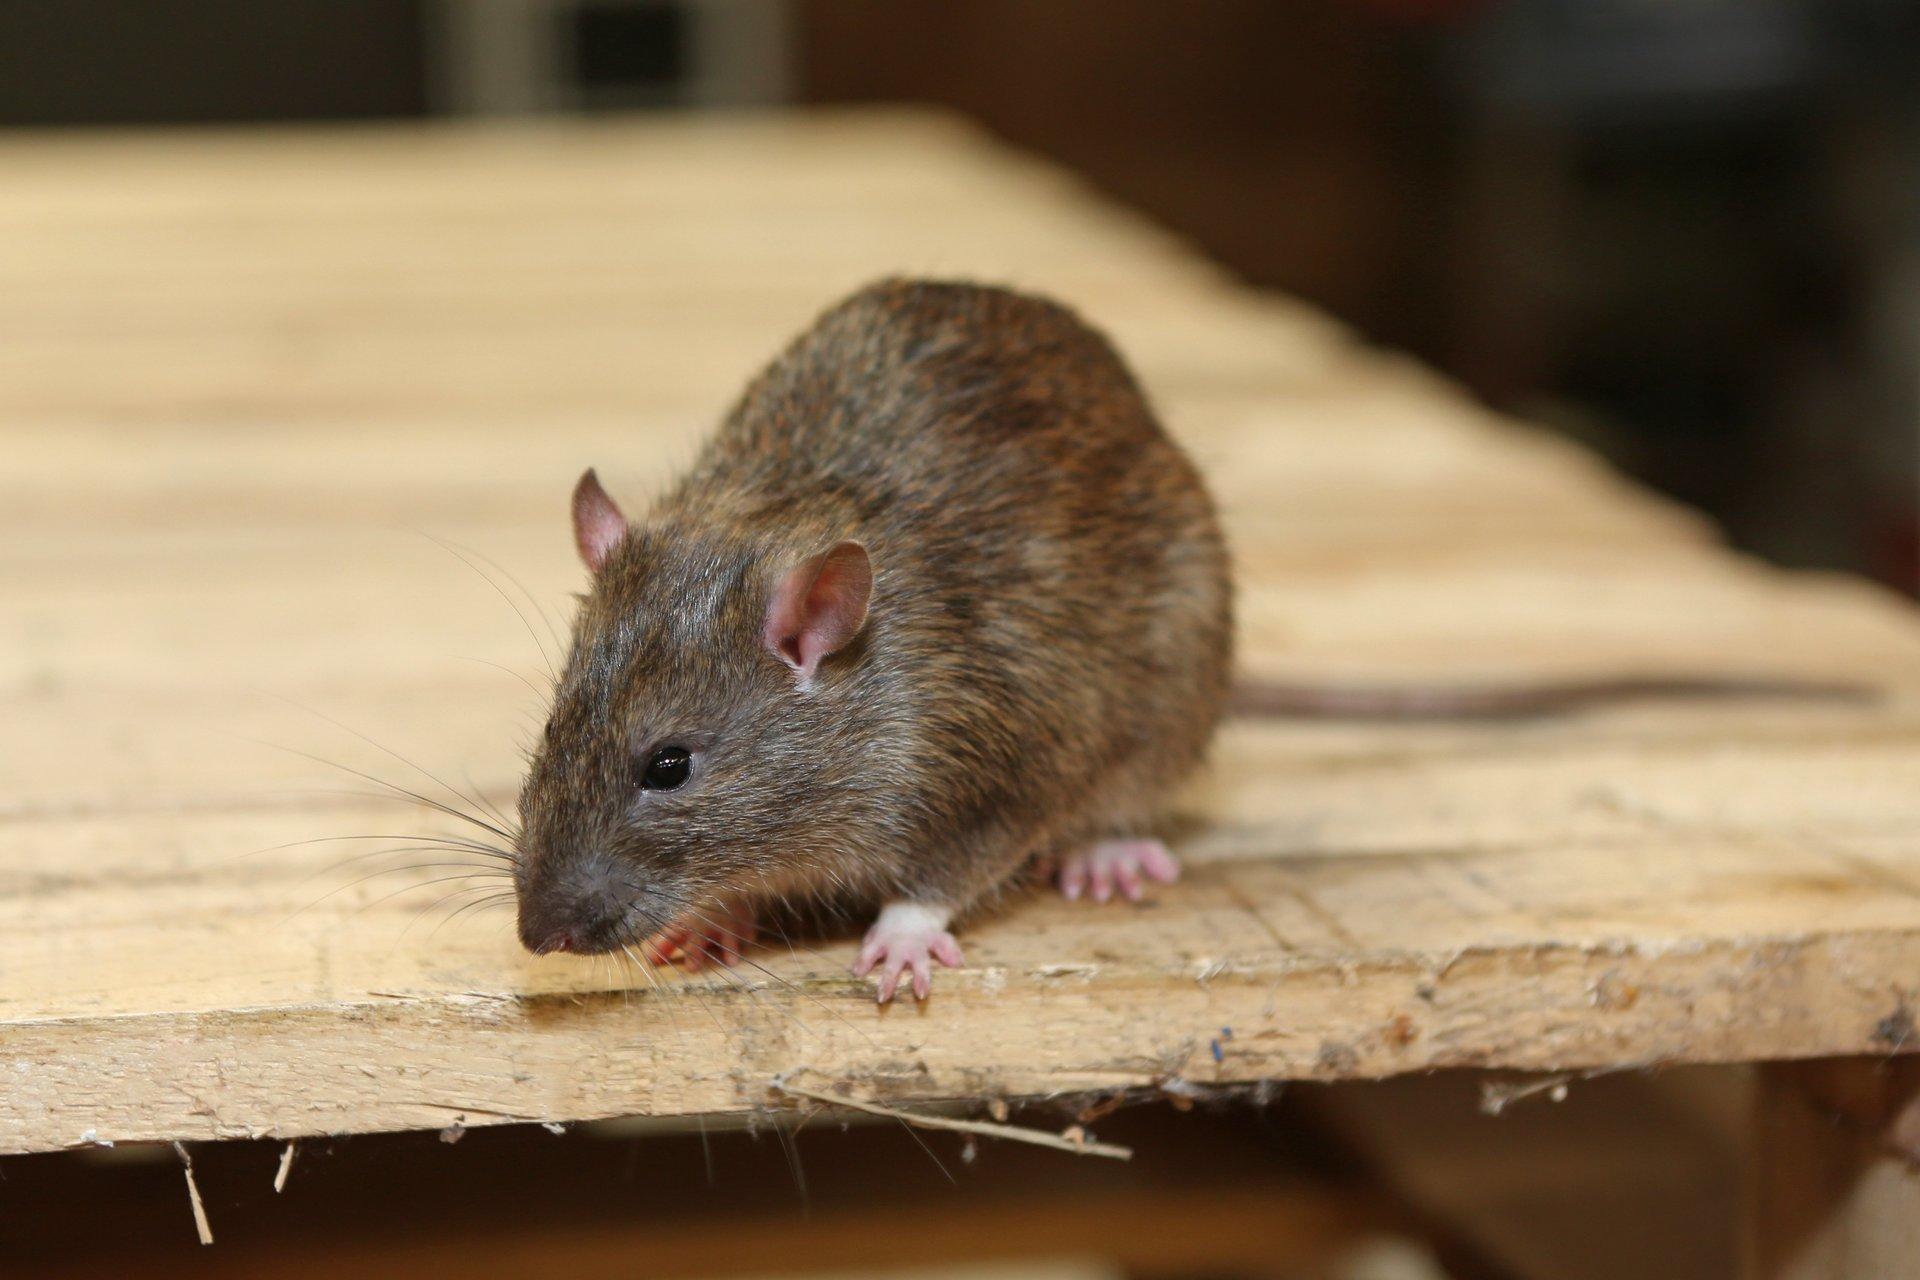 The Rat Details